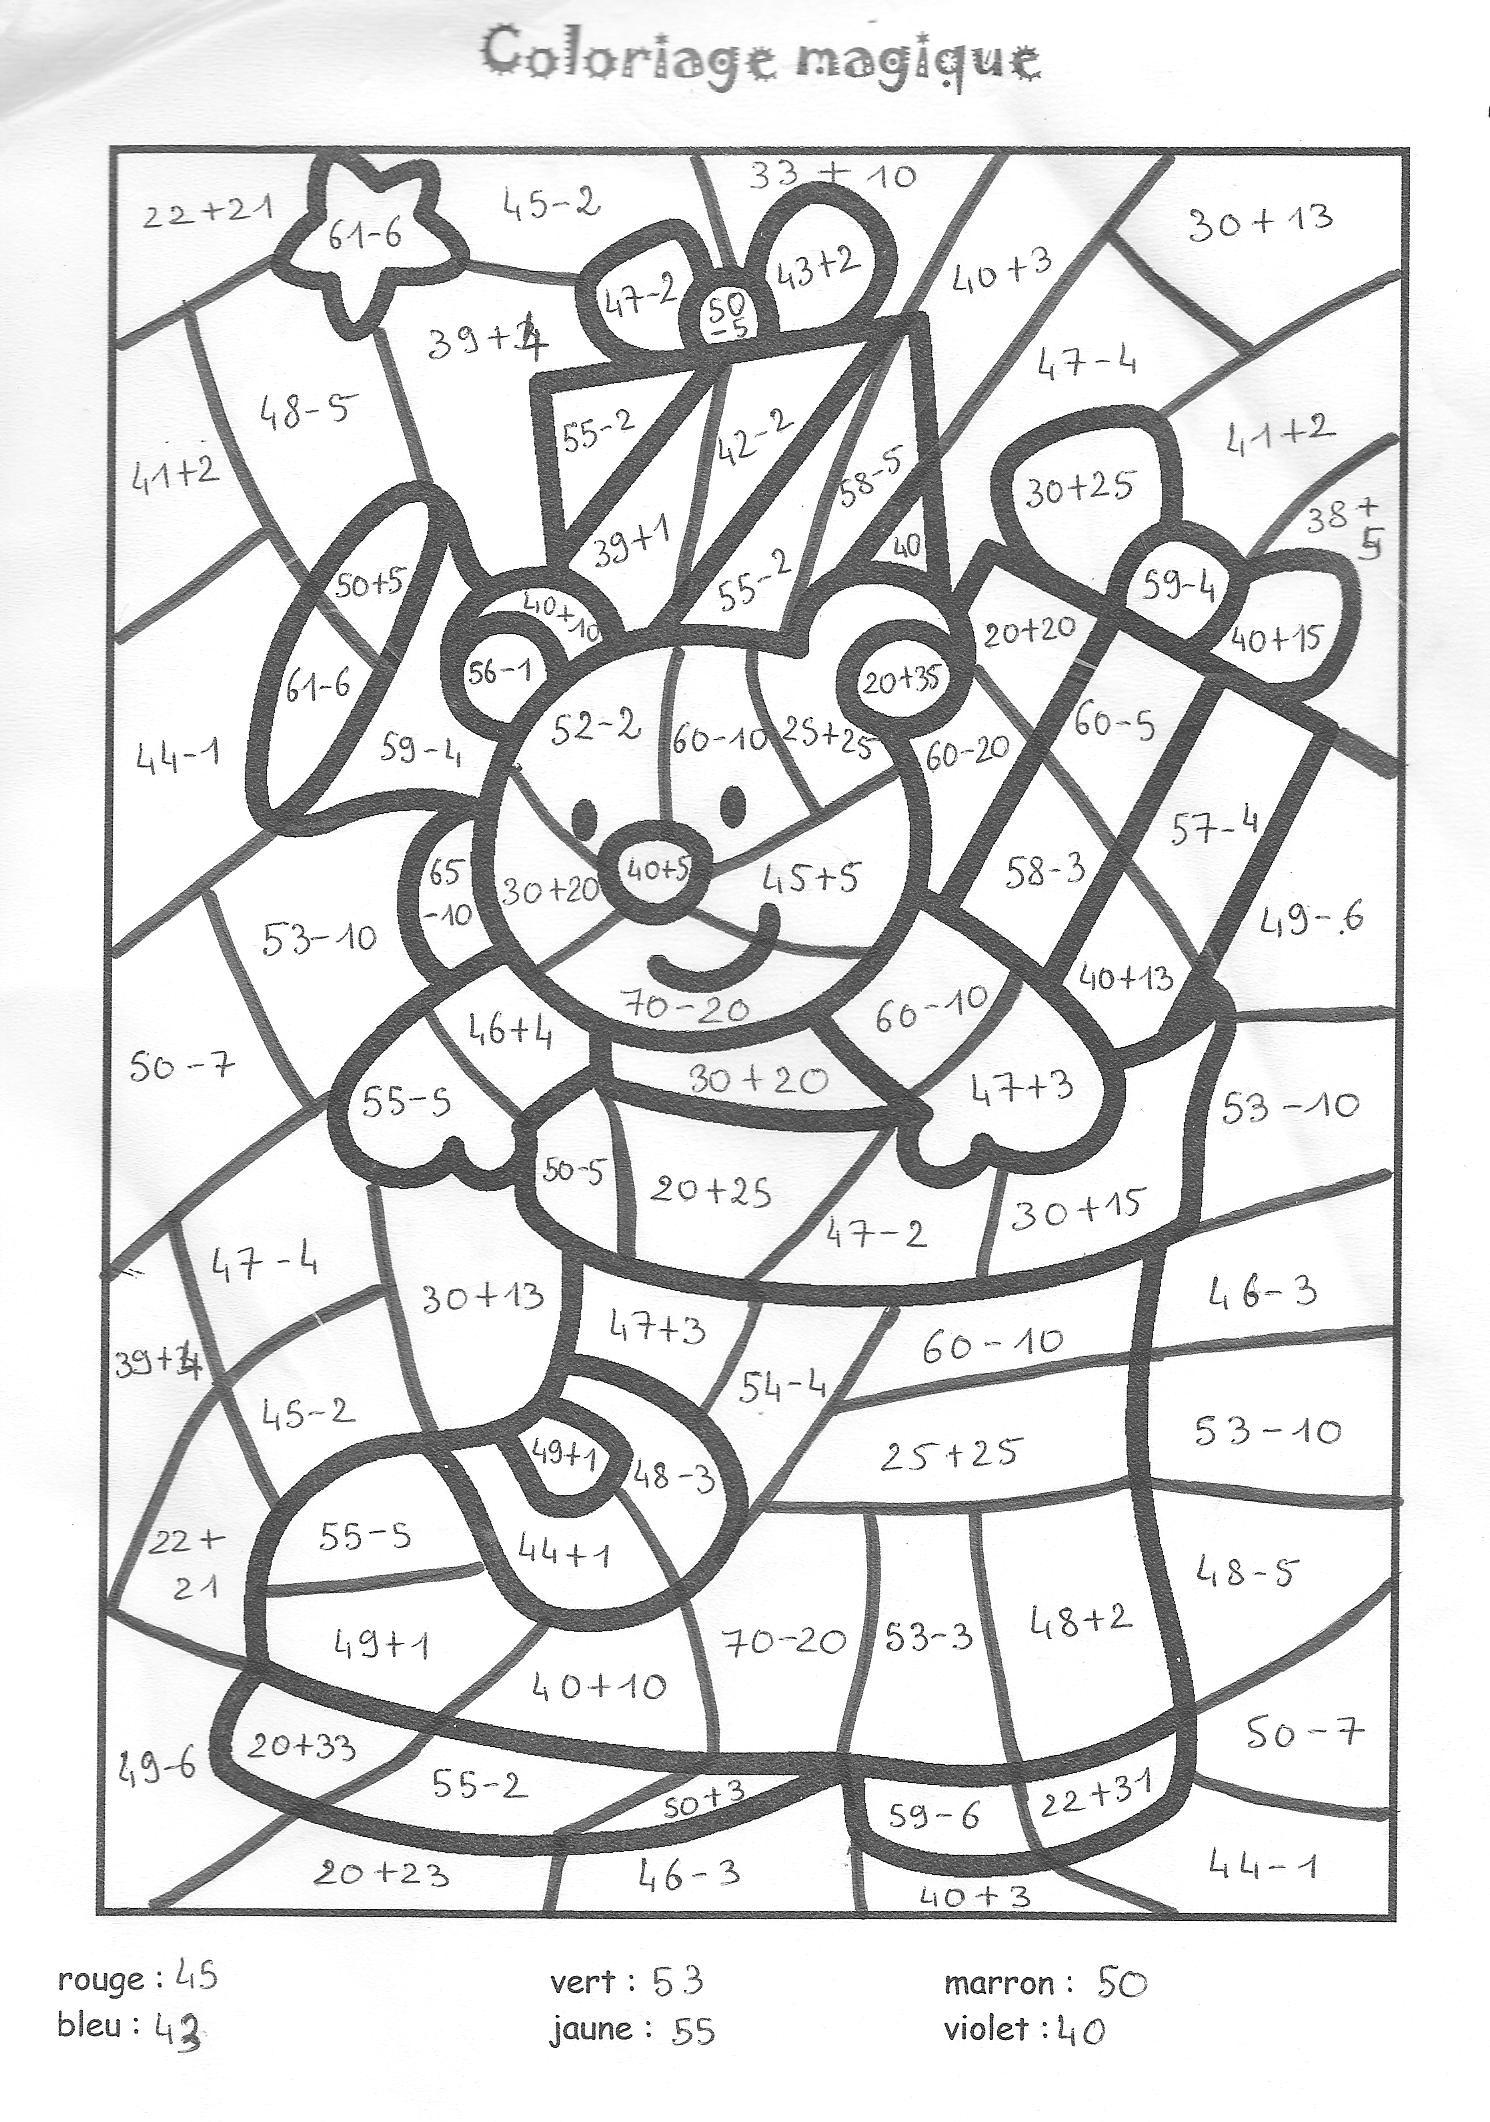 Coloriage204: Coloriage Magique De Noel À Imprimer pour Jeux Educatif Ce1 A Imprimer